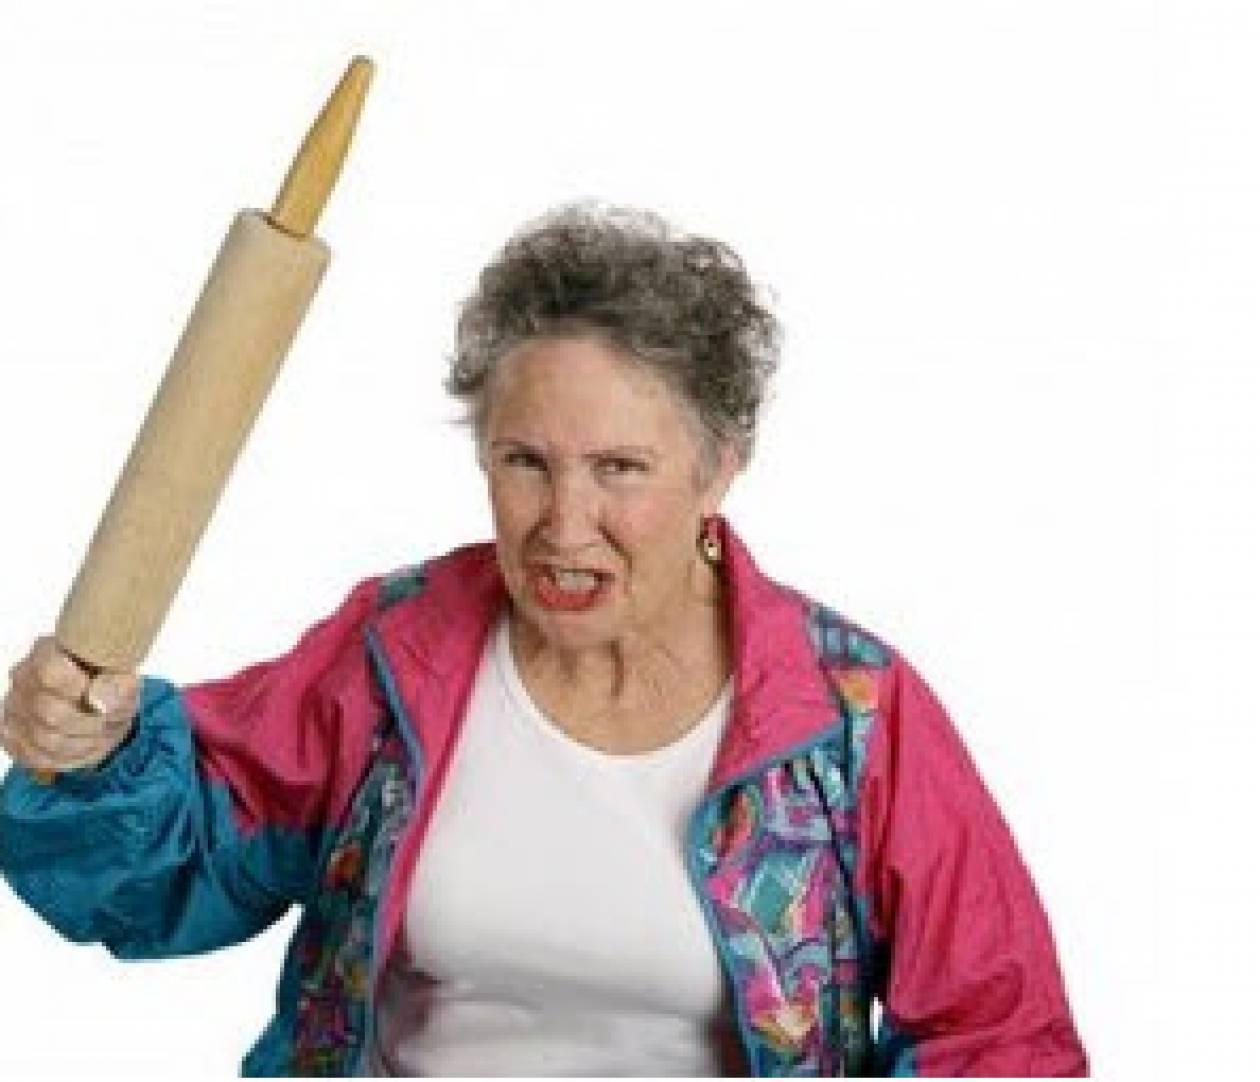 Πεθερά vs Νύφης : Αποκρούστε τις εισβολές...